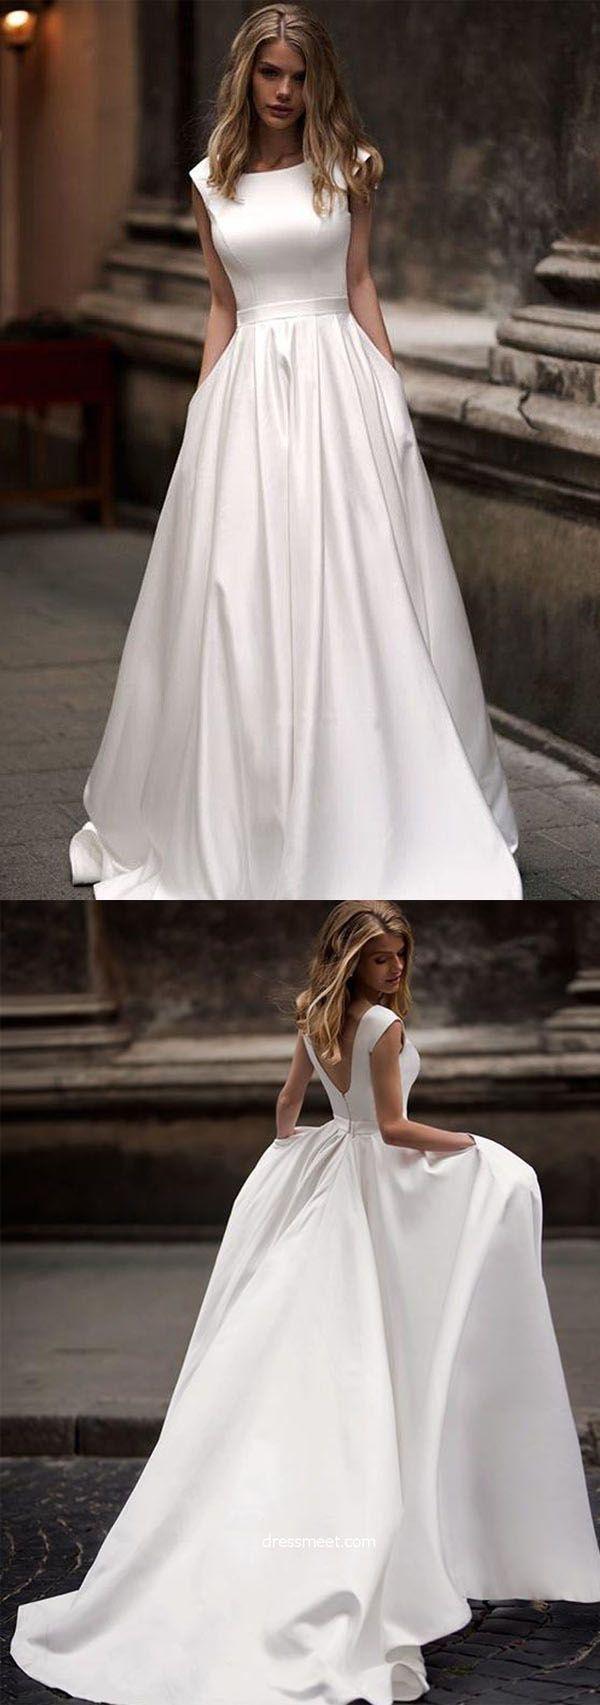 Vintage A-Linie Prinzessin Elfenbein Satin Lange Brautkleider mit Taschen WD328 – New Ideas